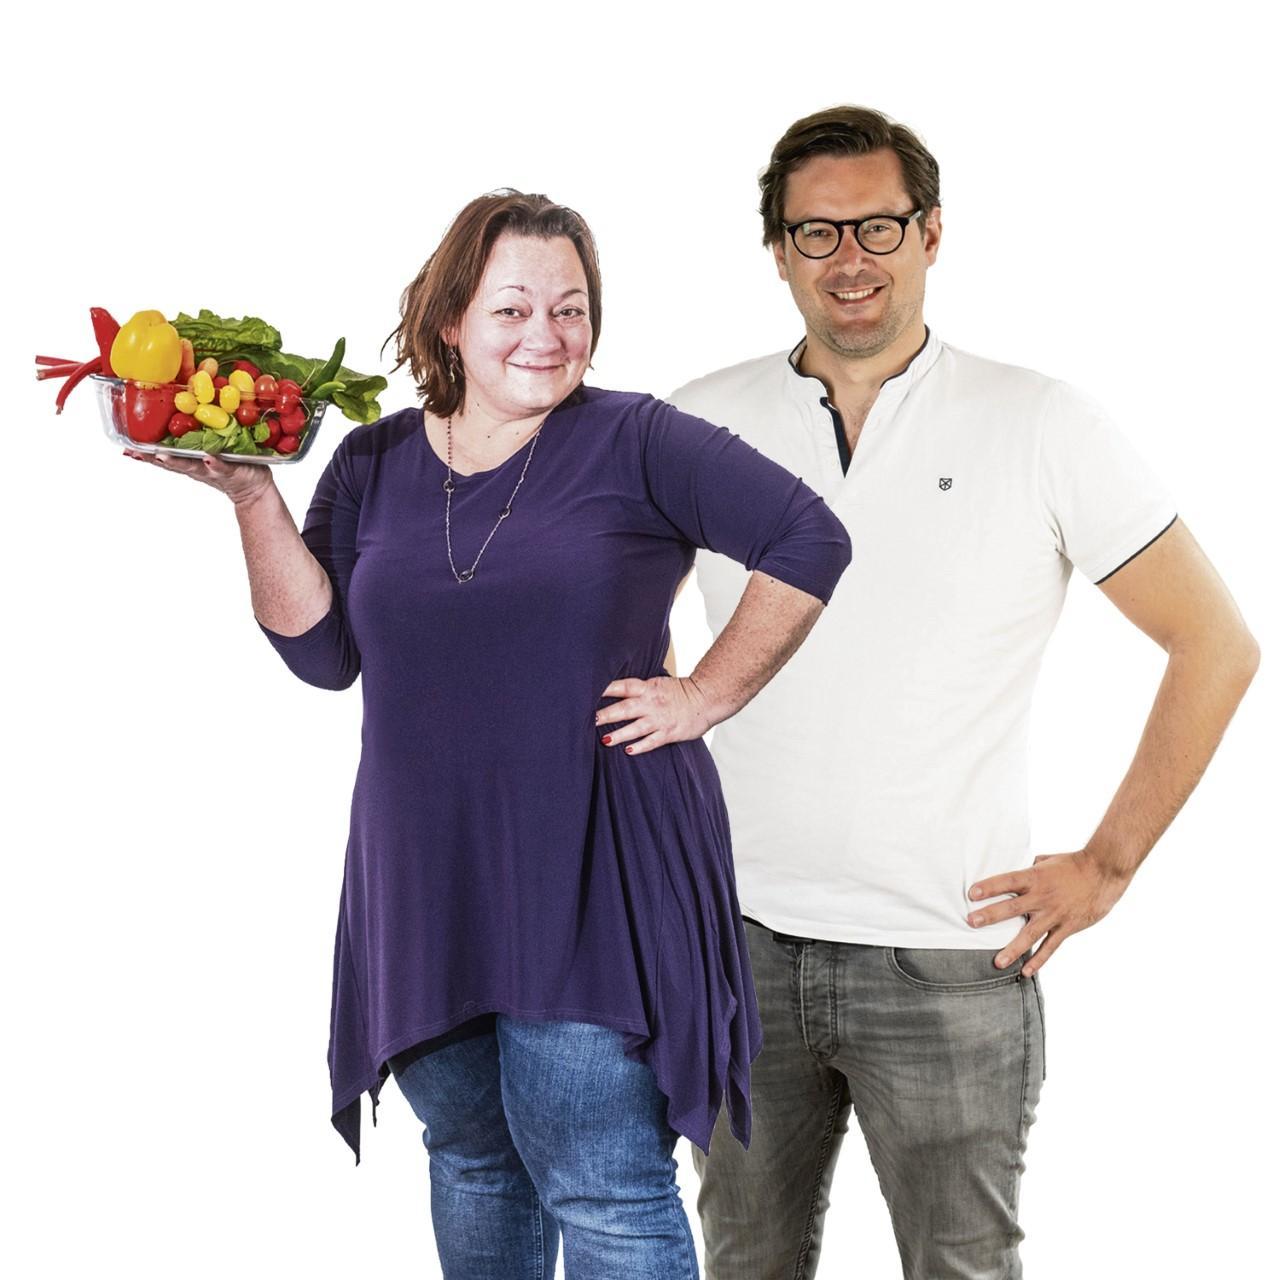 Redacteuren Lydia en Roy gaan minder vlees eten. 'Liever kattenvoer,' zegt hij en kwat zijn vegetarische minifrikandel in de prullenbak (aflevering 2)